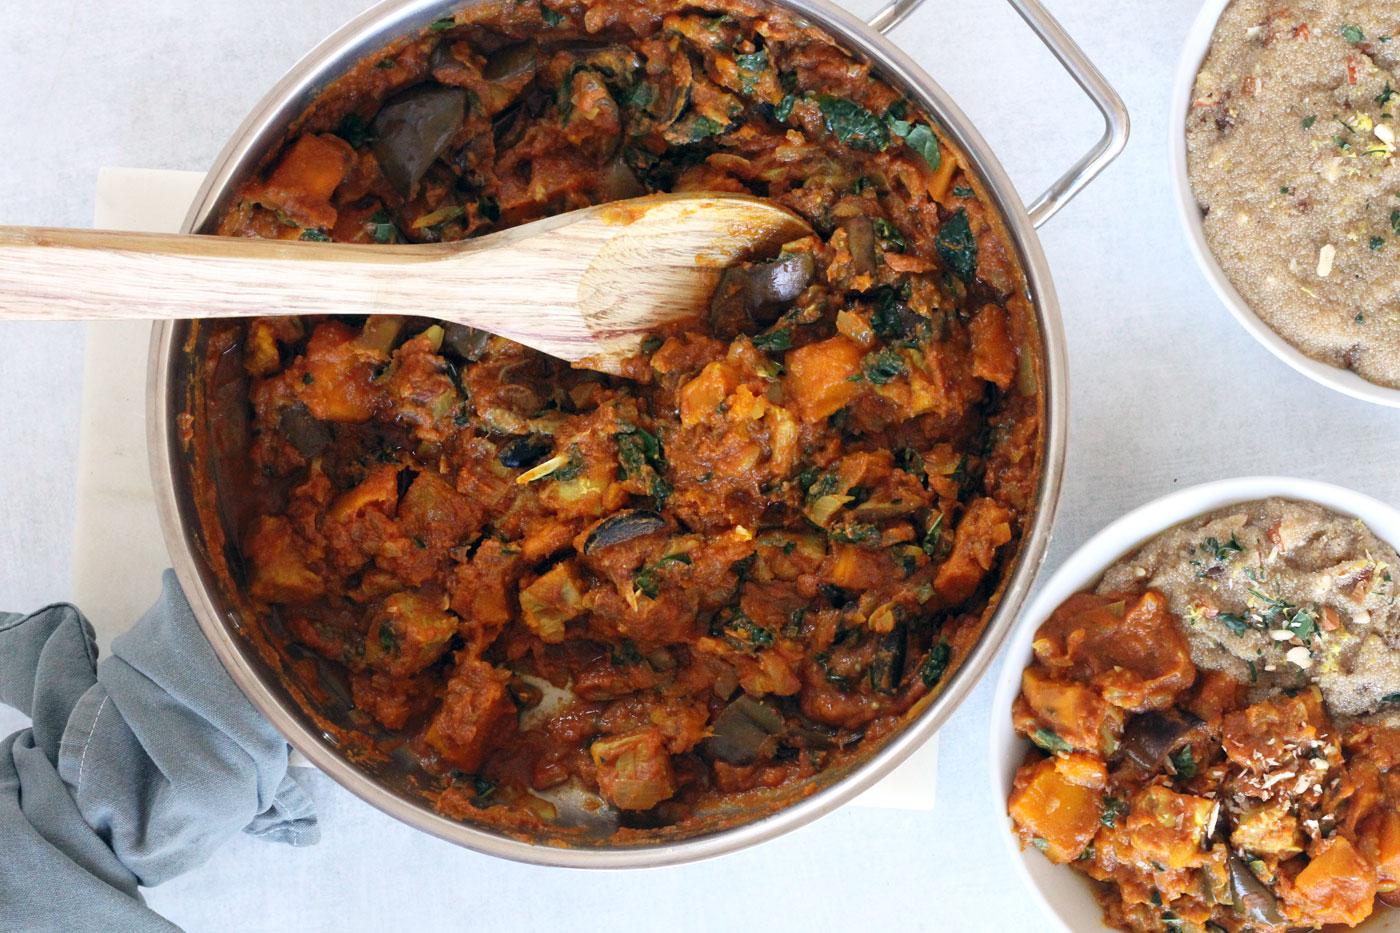 Ragoût de légumes végétalien aux épices marocaines et amarante au citron et aux amandes